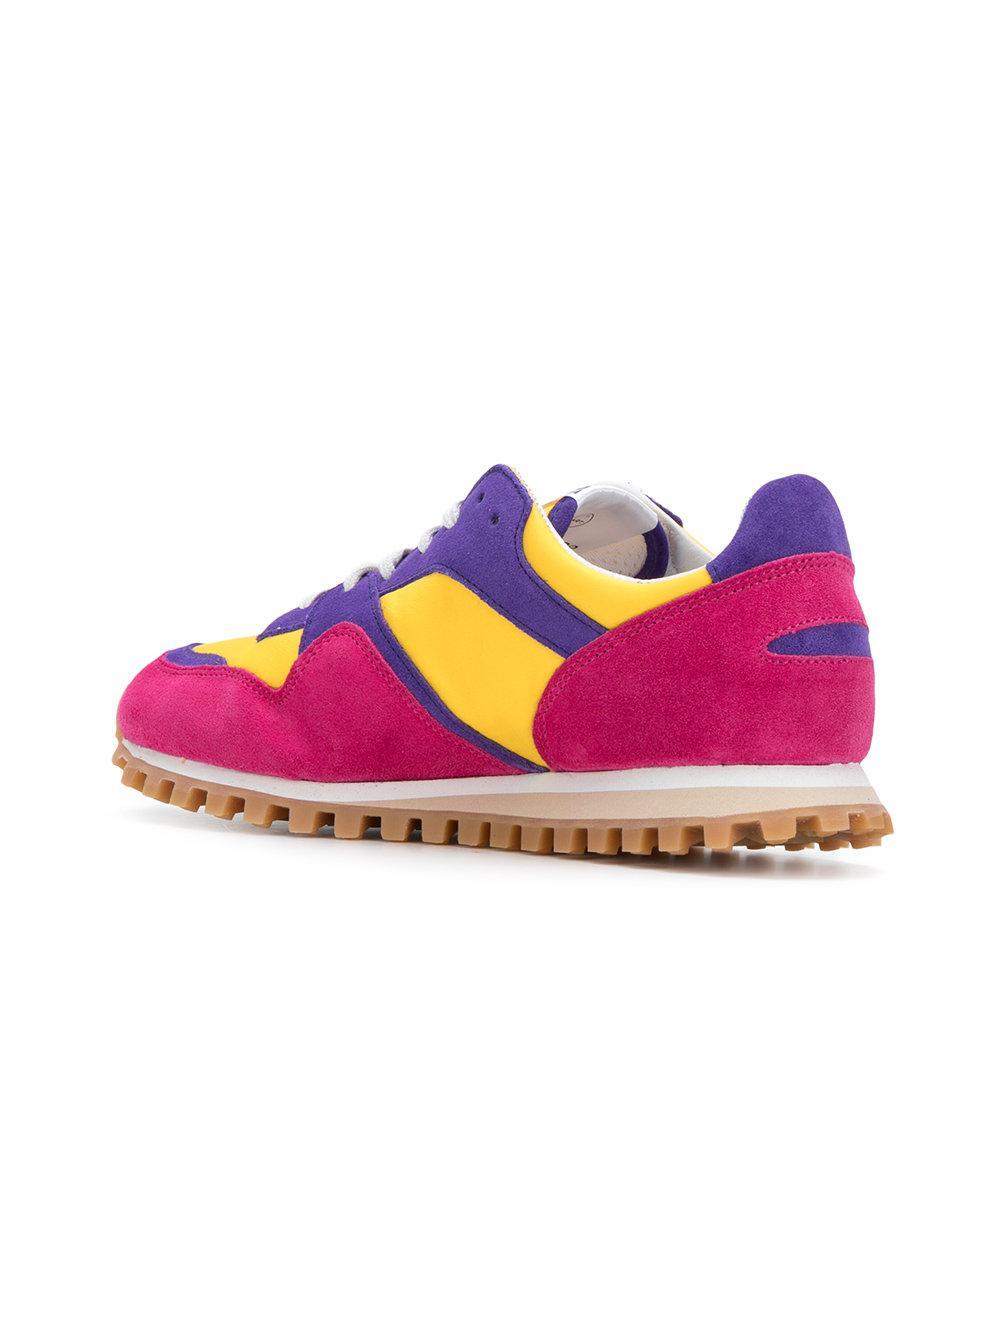 Comme des Garçons Leather Marathon Trail Low-top Sneakers